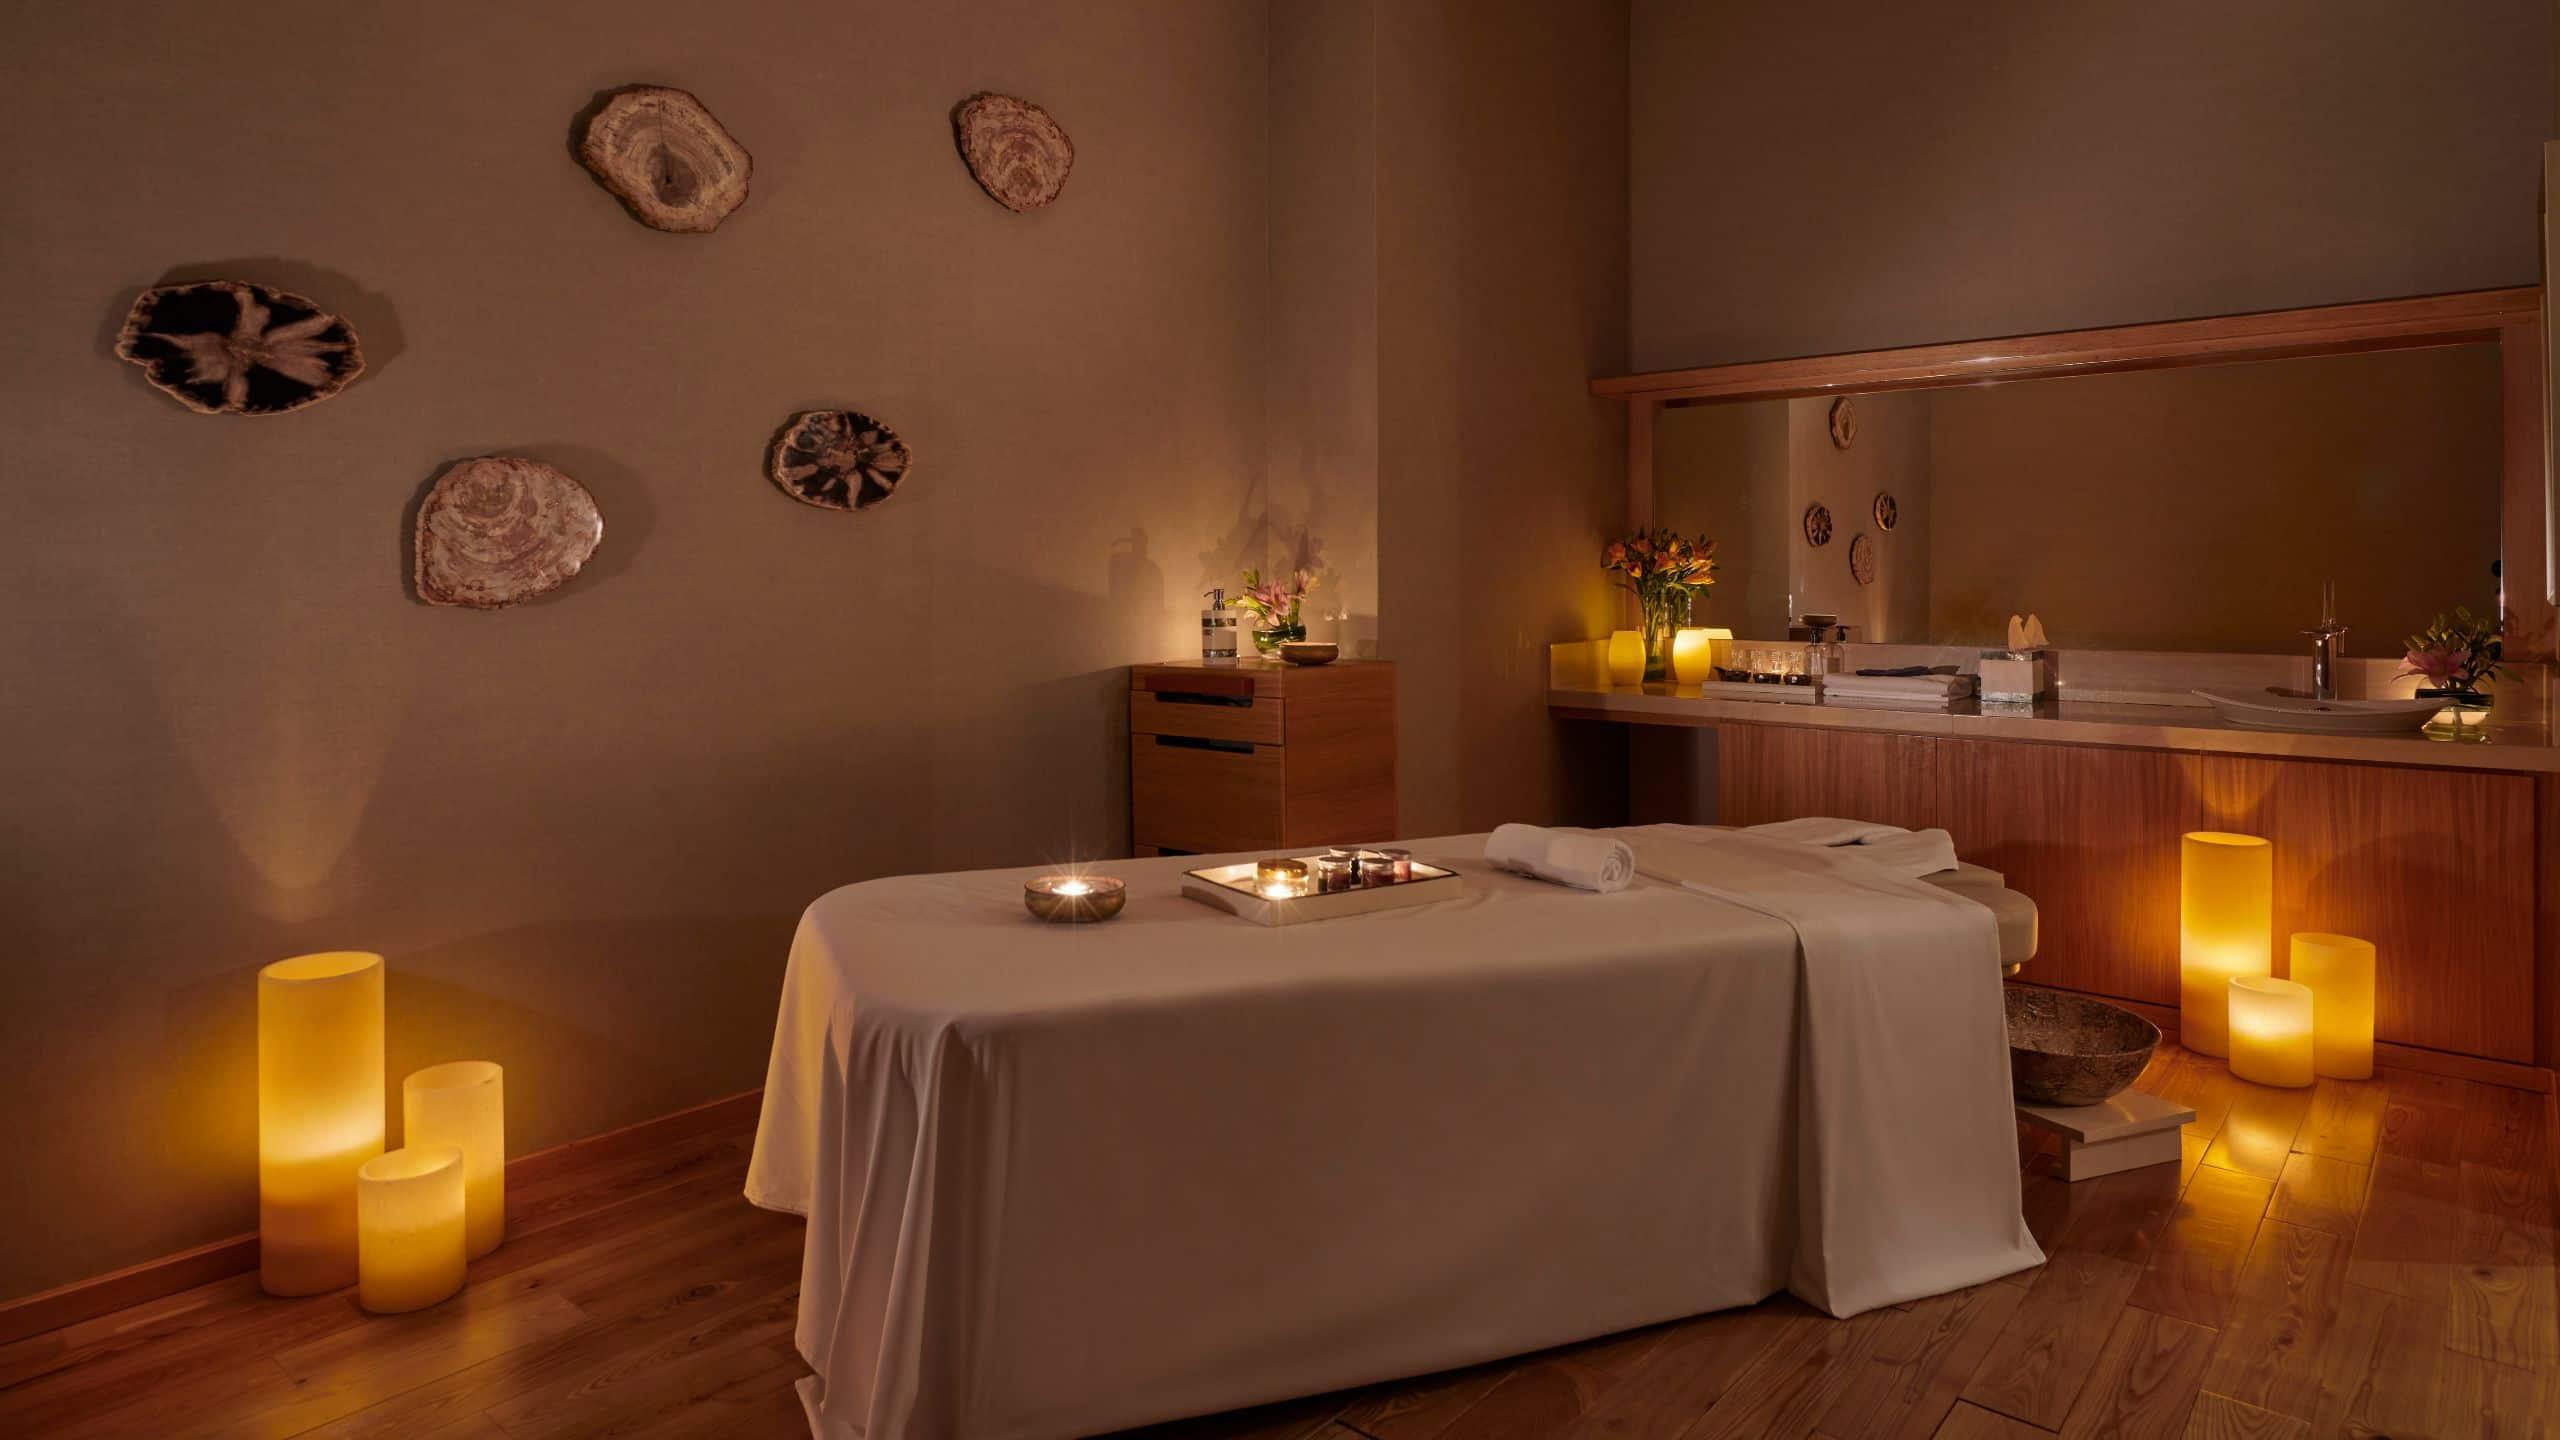 Spa Treatment Room in Riyadh